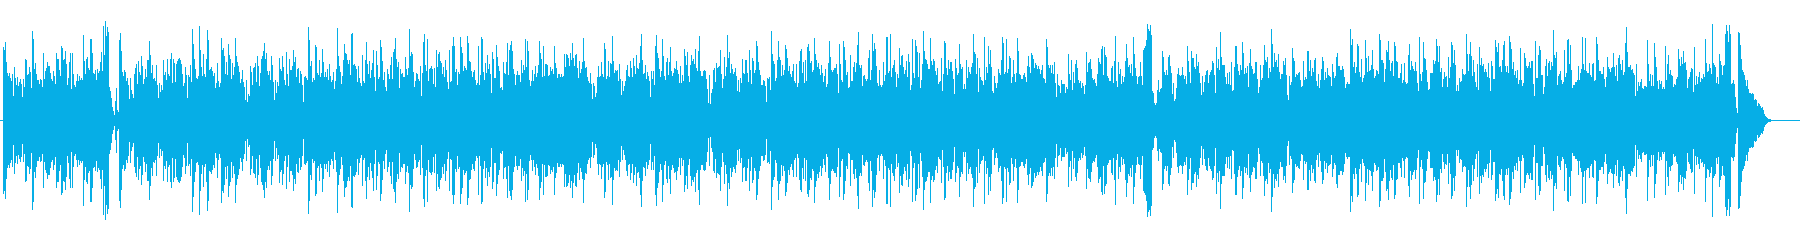 シックでエレガントなフュージョンの再生済みの波形